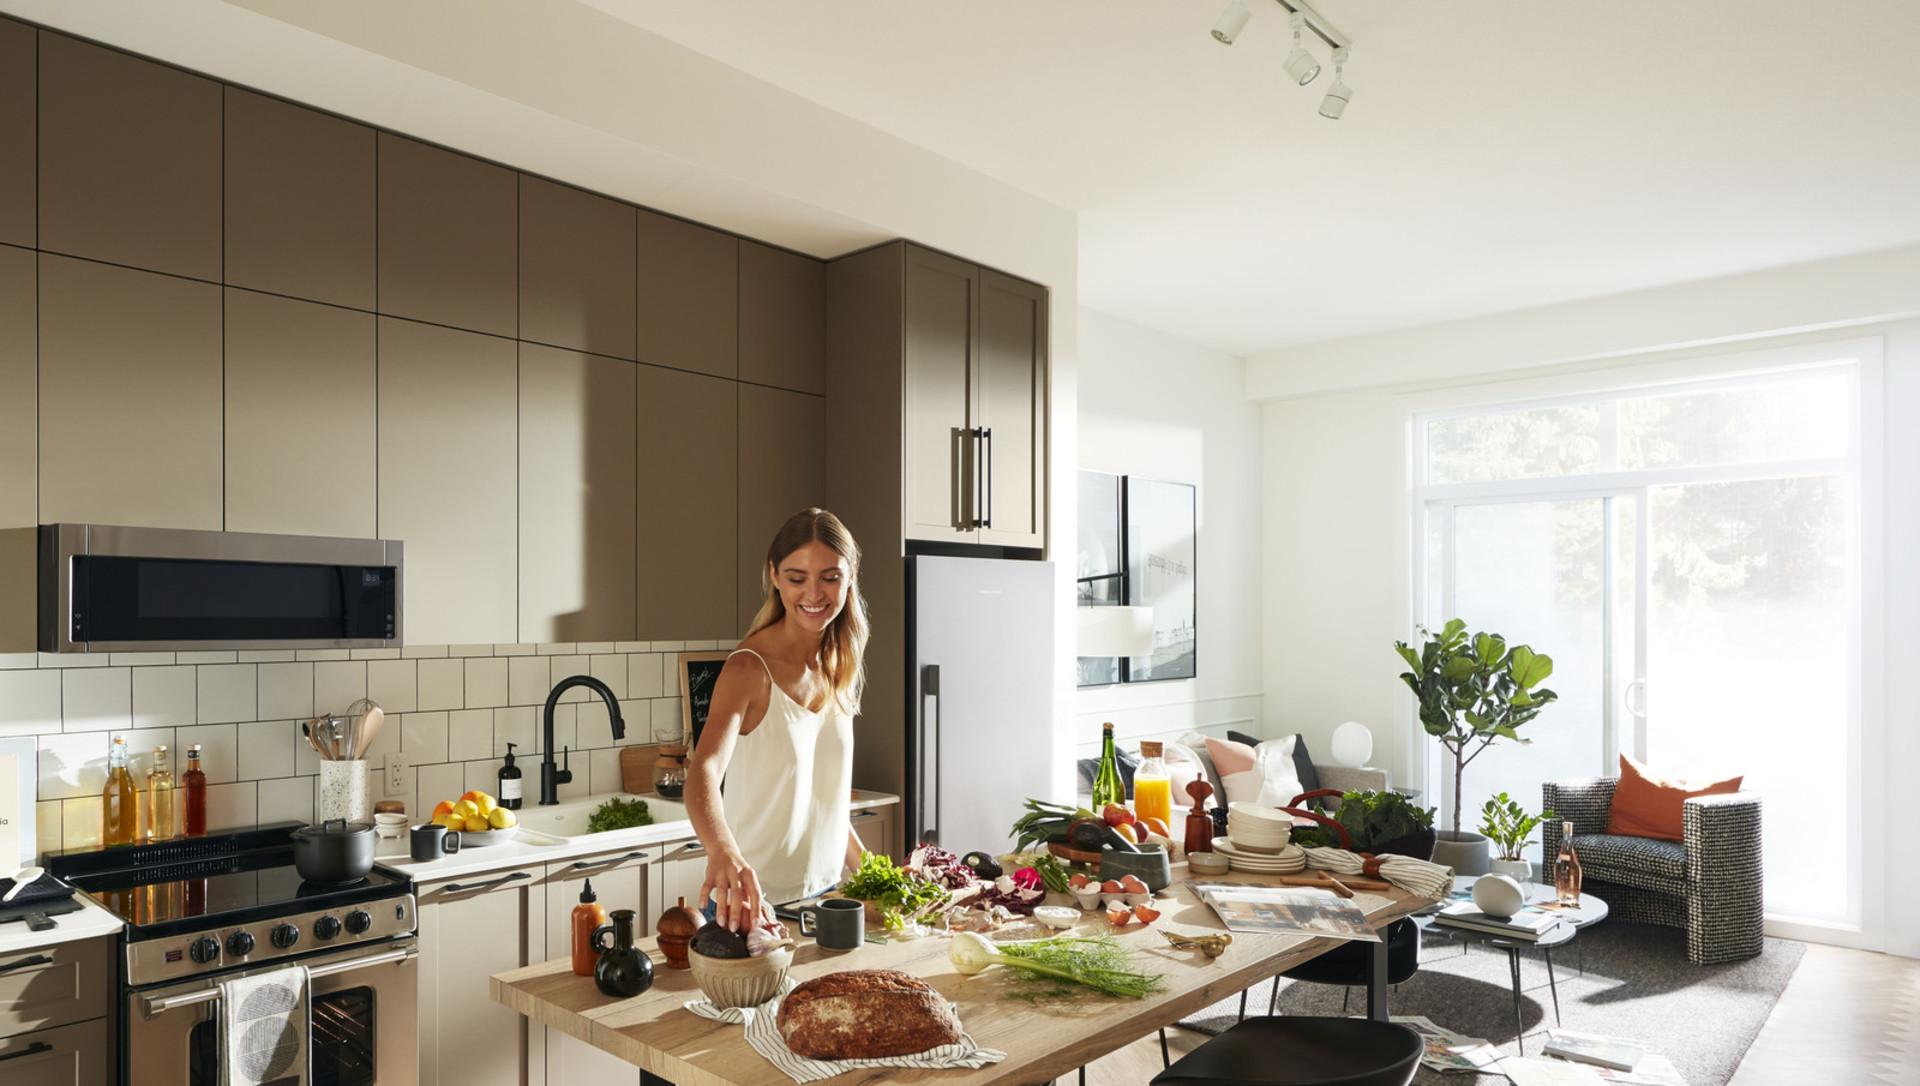 parker-kitchen at Parker (10612 139 Street, Whalley, North Surrey)